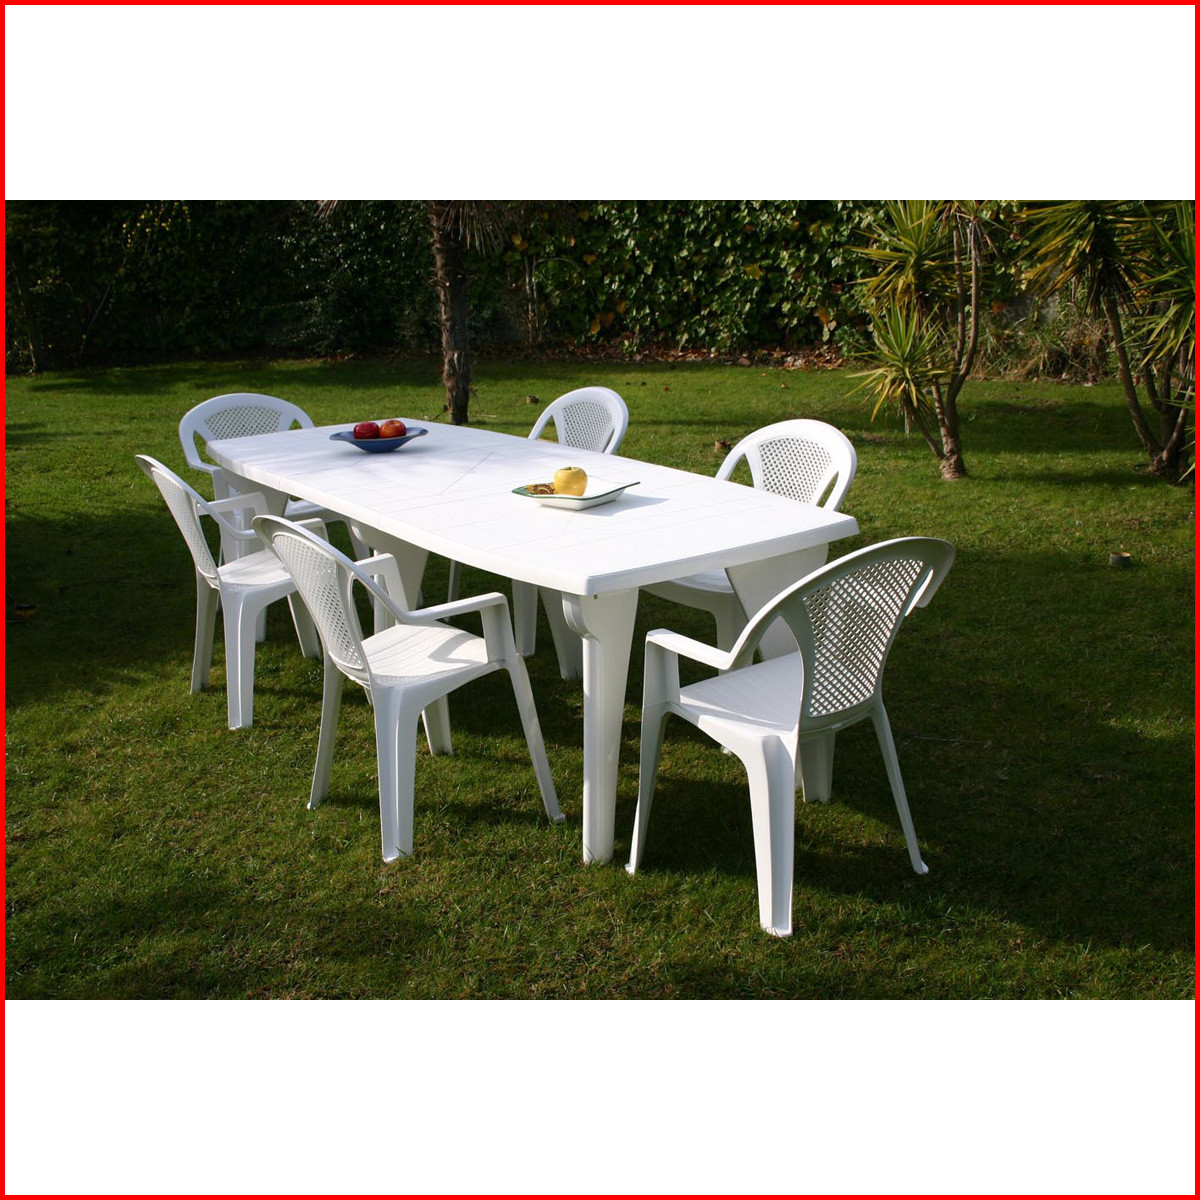 Salon de jardin plastique en solde - Mailleraye.fr jardin